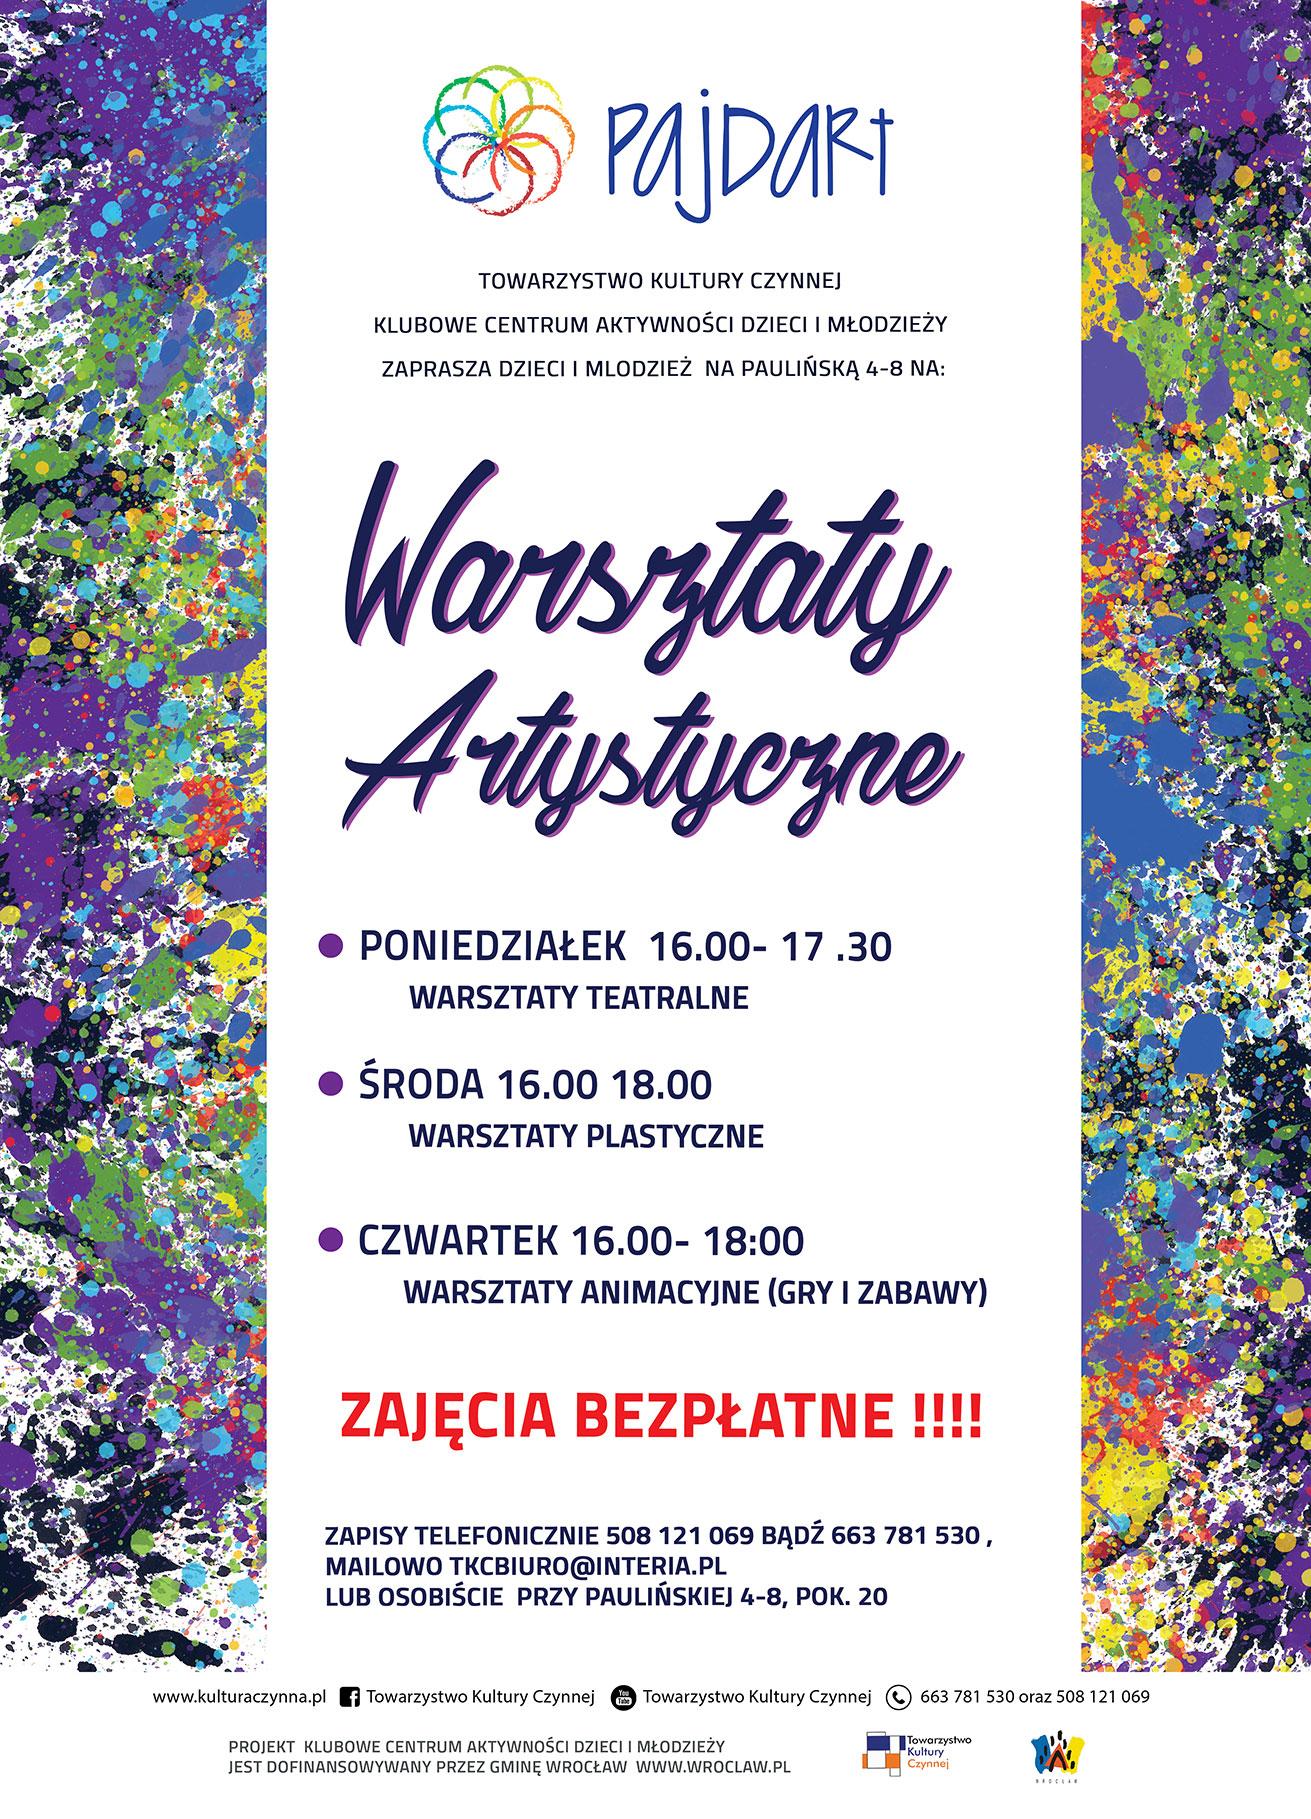 Plakat_warsztaty_-pajdart_201701_net